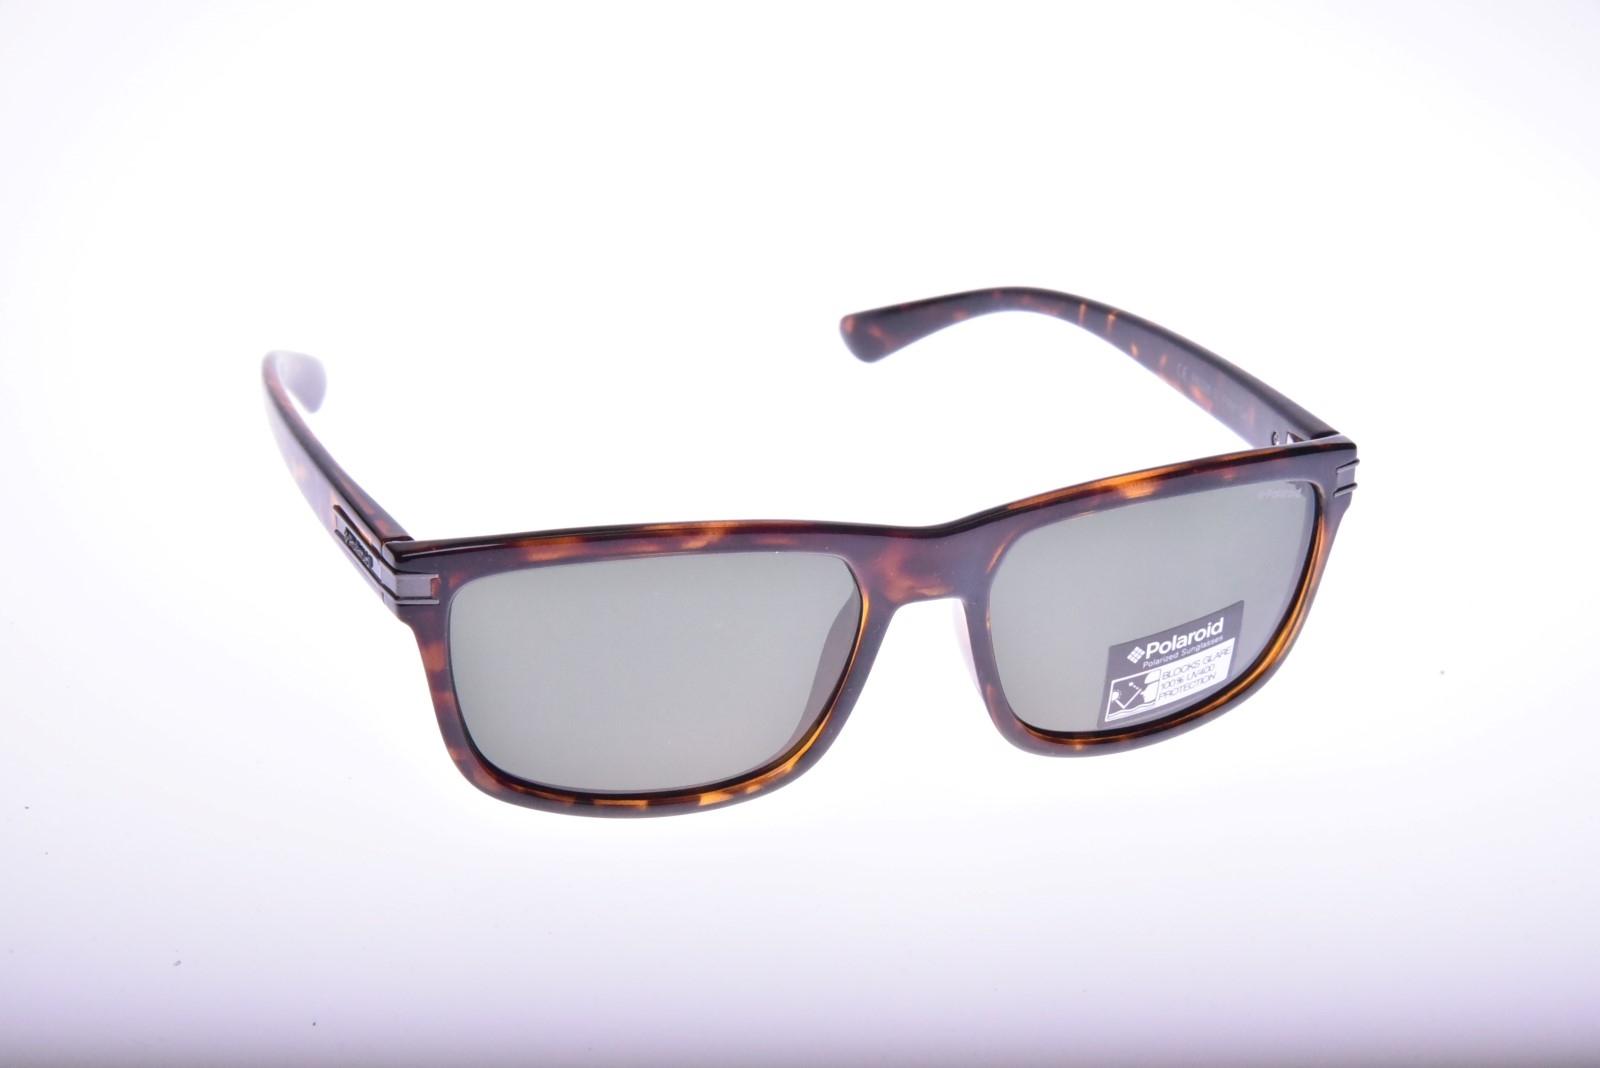 Polaroid Contemporary P8328B - Pánske slnečné okuliare